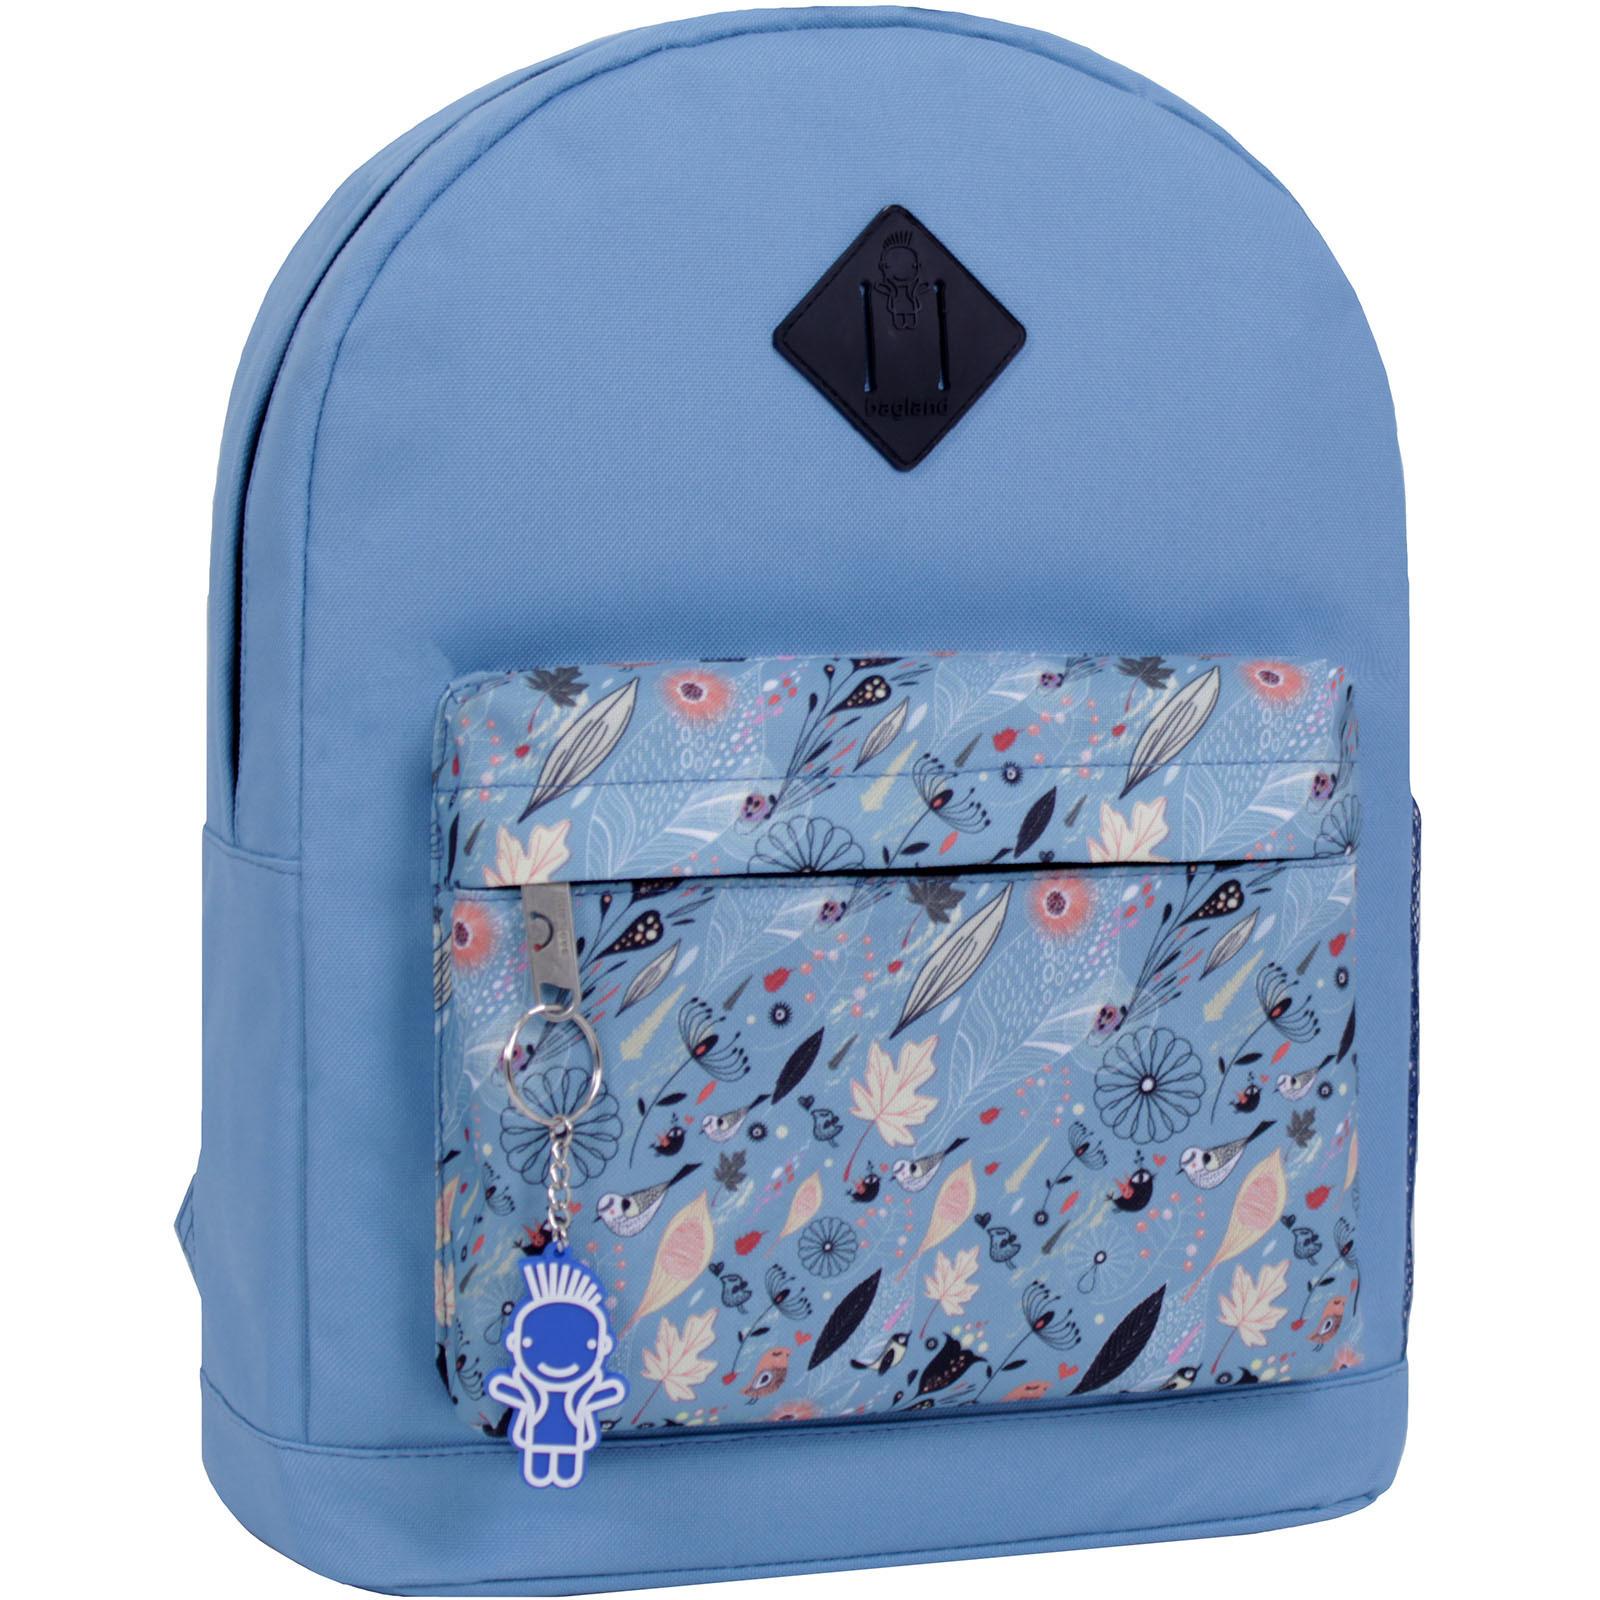 Городские рюкзаки Рюкзак Bagland Молодежный W/R 17 л. голубой 442 (00533662) IMG_2697_суб.442_.JPG